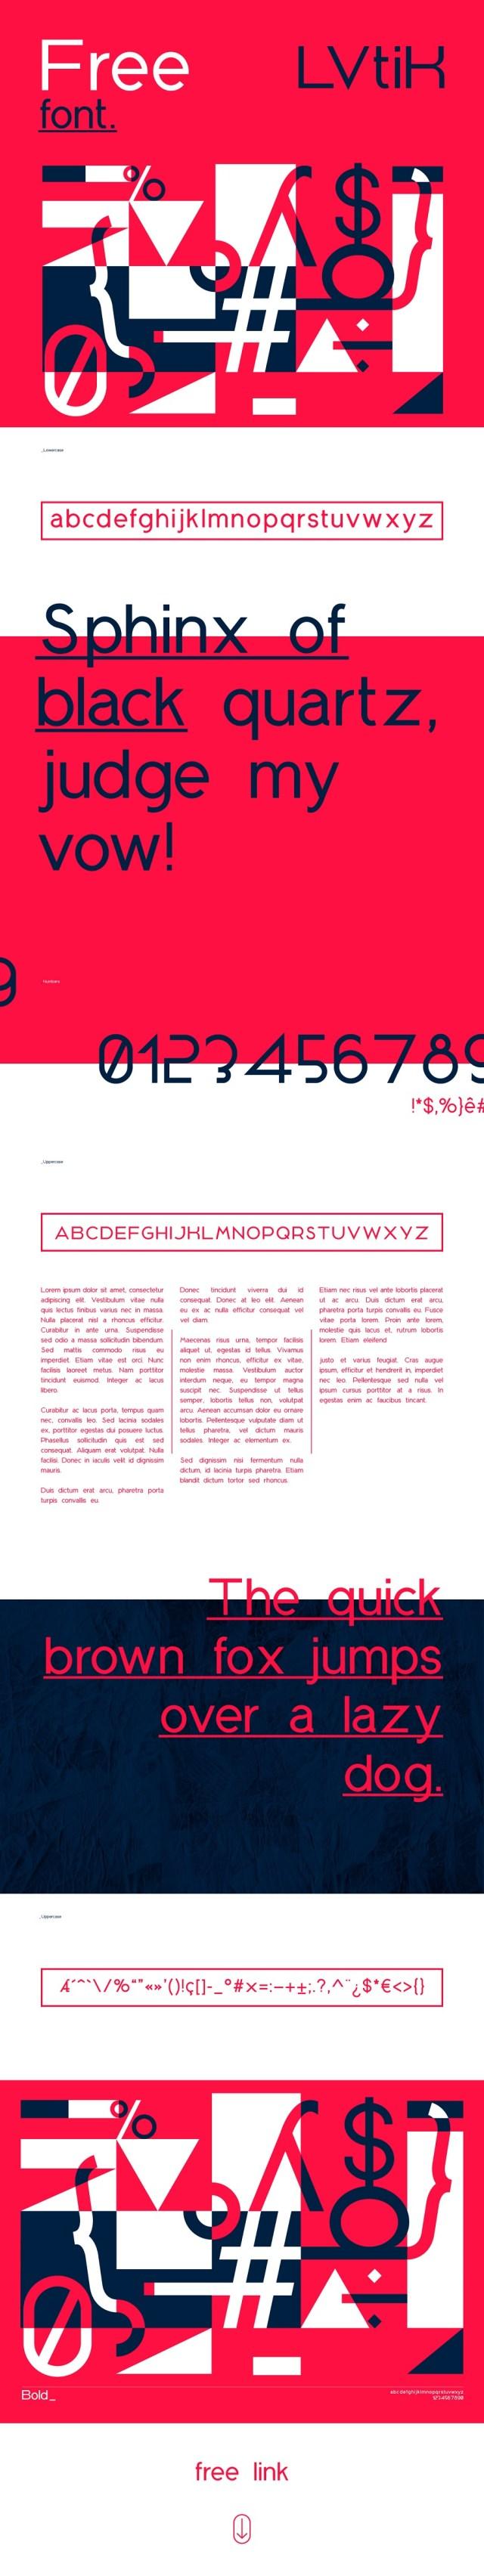 LVtiK Sans Free Typeface